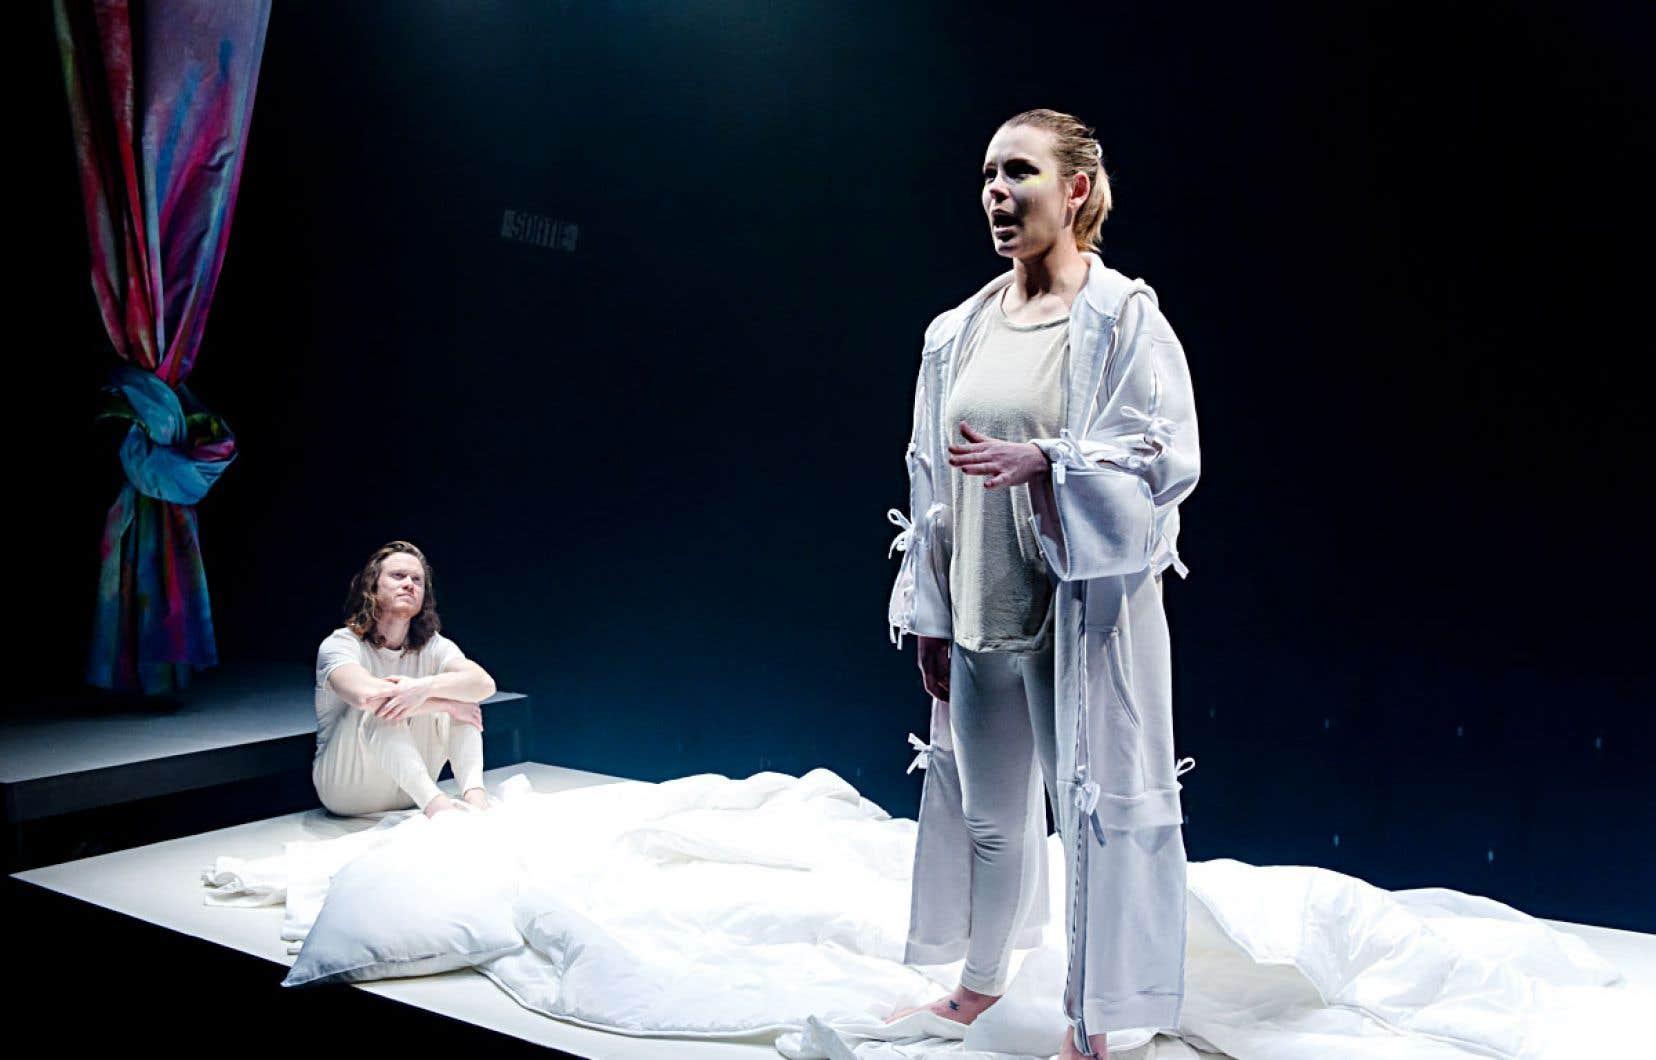 Dans le rôle principal, Charlotte Aubin se révèle une interprète lumineuse, imposant une conviction et une sincérité à fleur de peau.